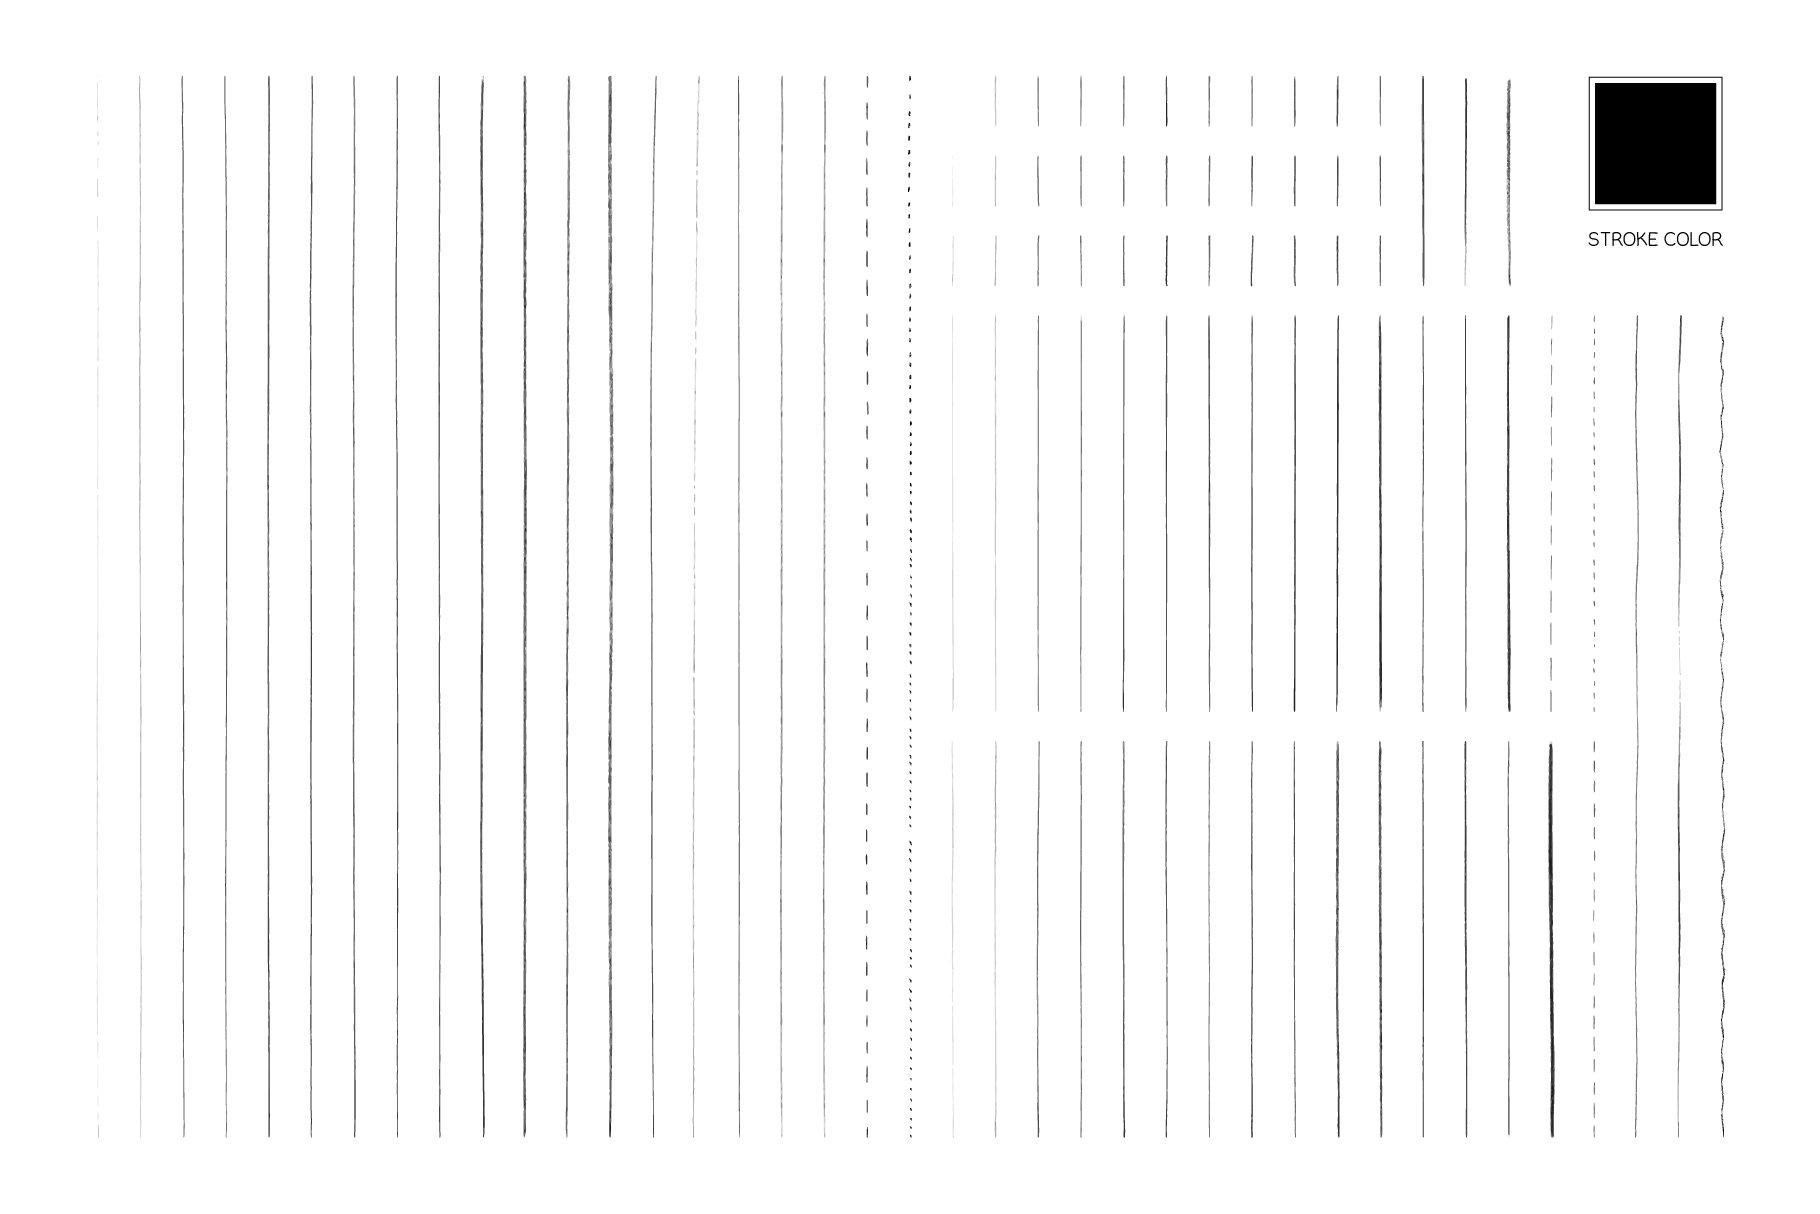 Кисти – Реалистичный карандаш